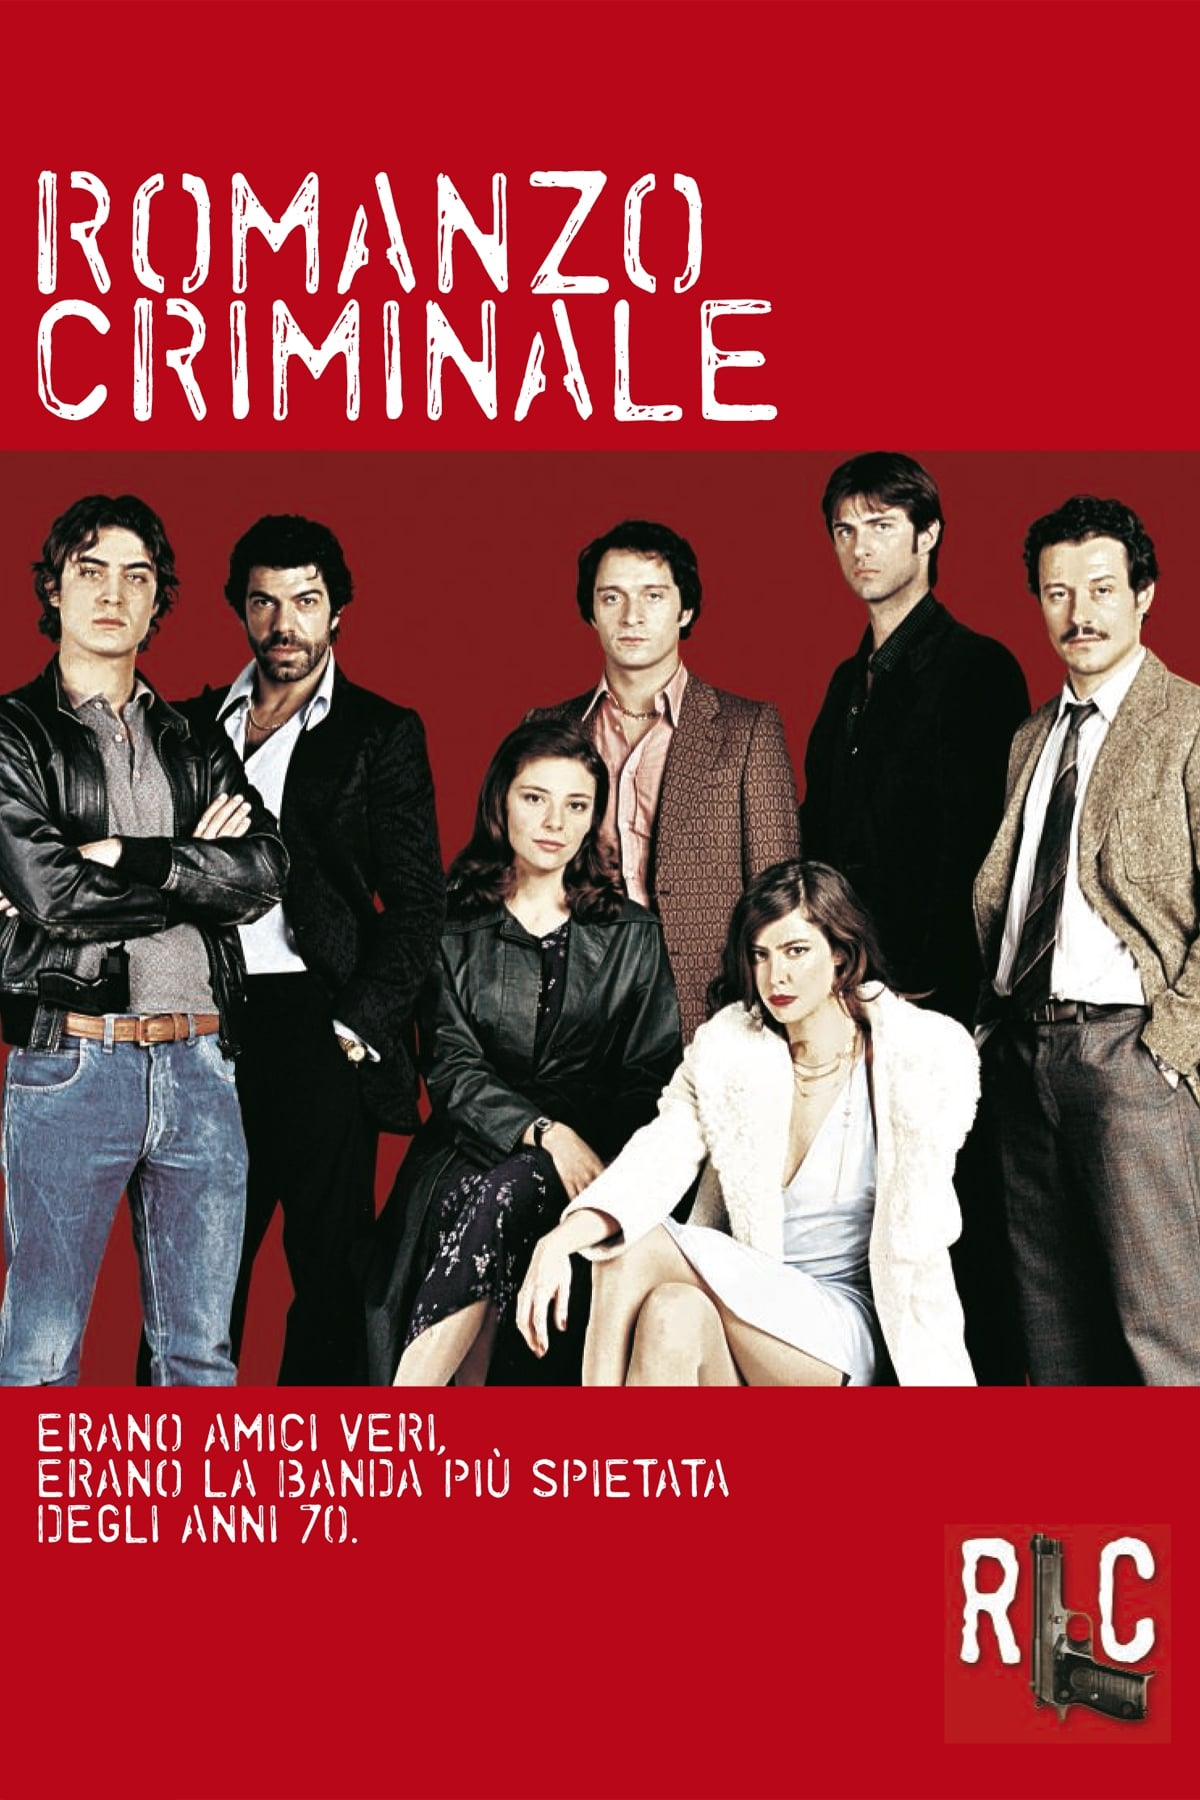 Romanzo Criminale Streaming Ita